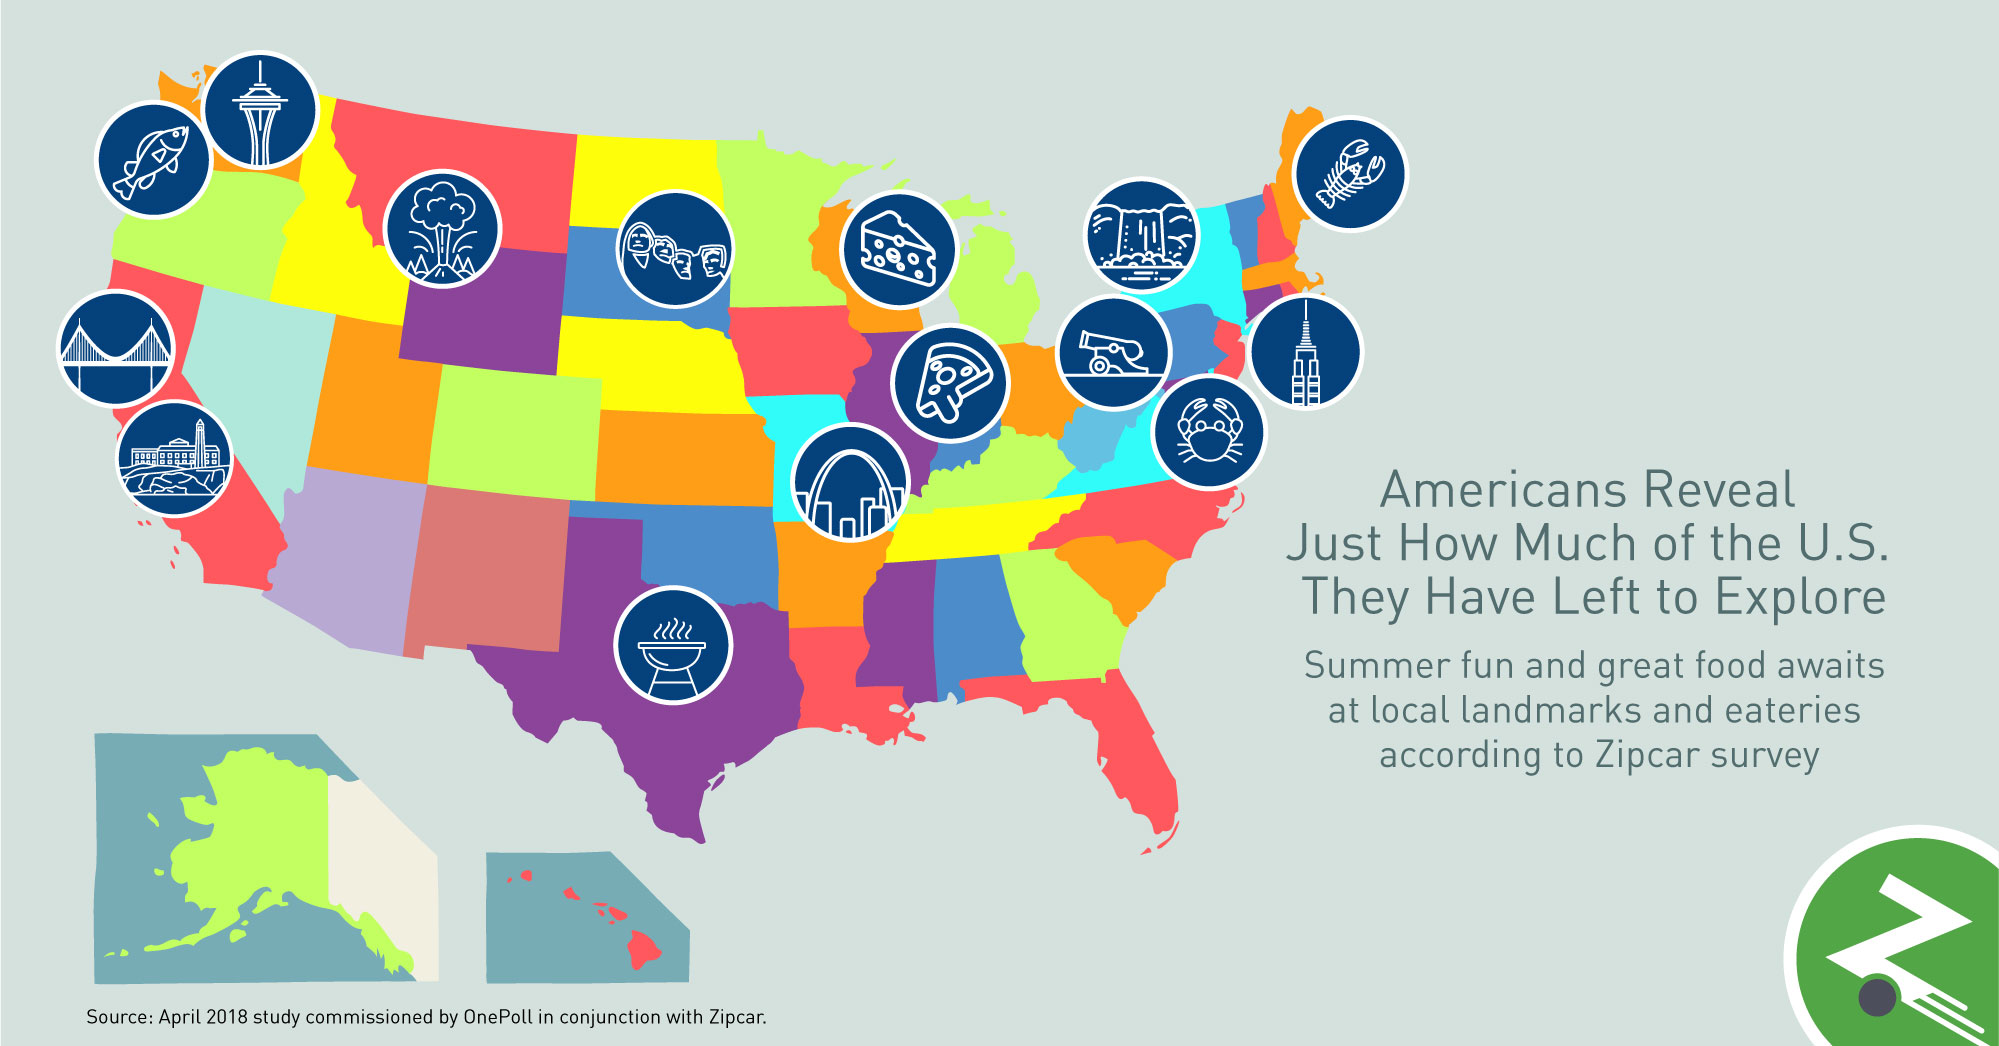 Αποτέλεσμα εικόνας για Zipcar Summer Travel Survey Reveals Top 10 U.S. Iconic Sights and Foods